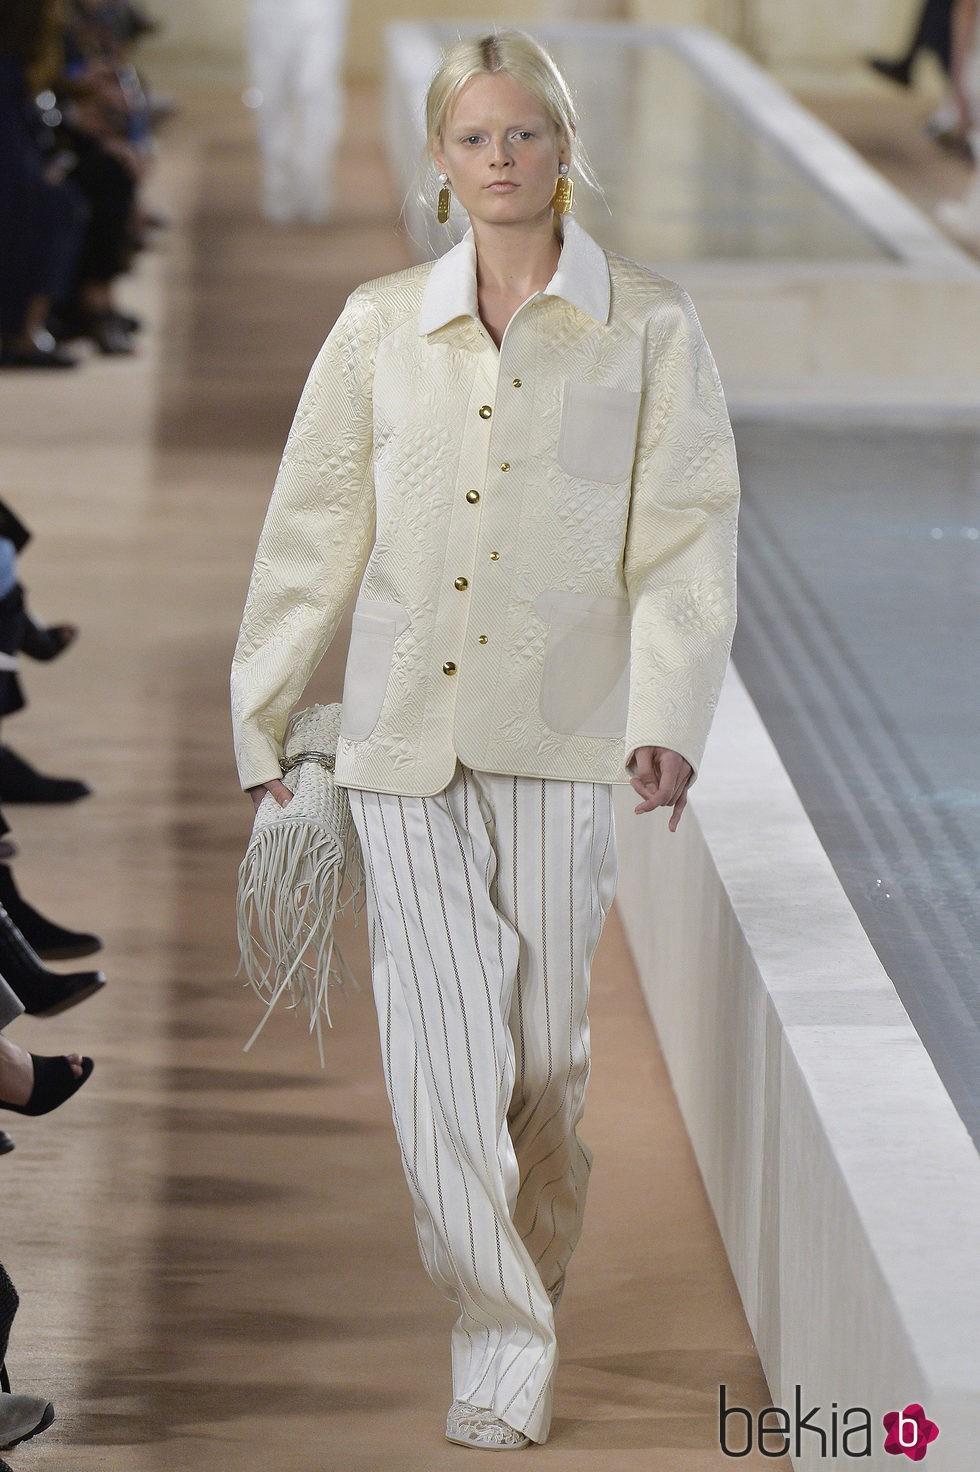 cfda5acc35 Anterior Pantalones blancos con rayas doradas de la colección primavera verano  2016 de Balenciaga en Paris